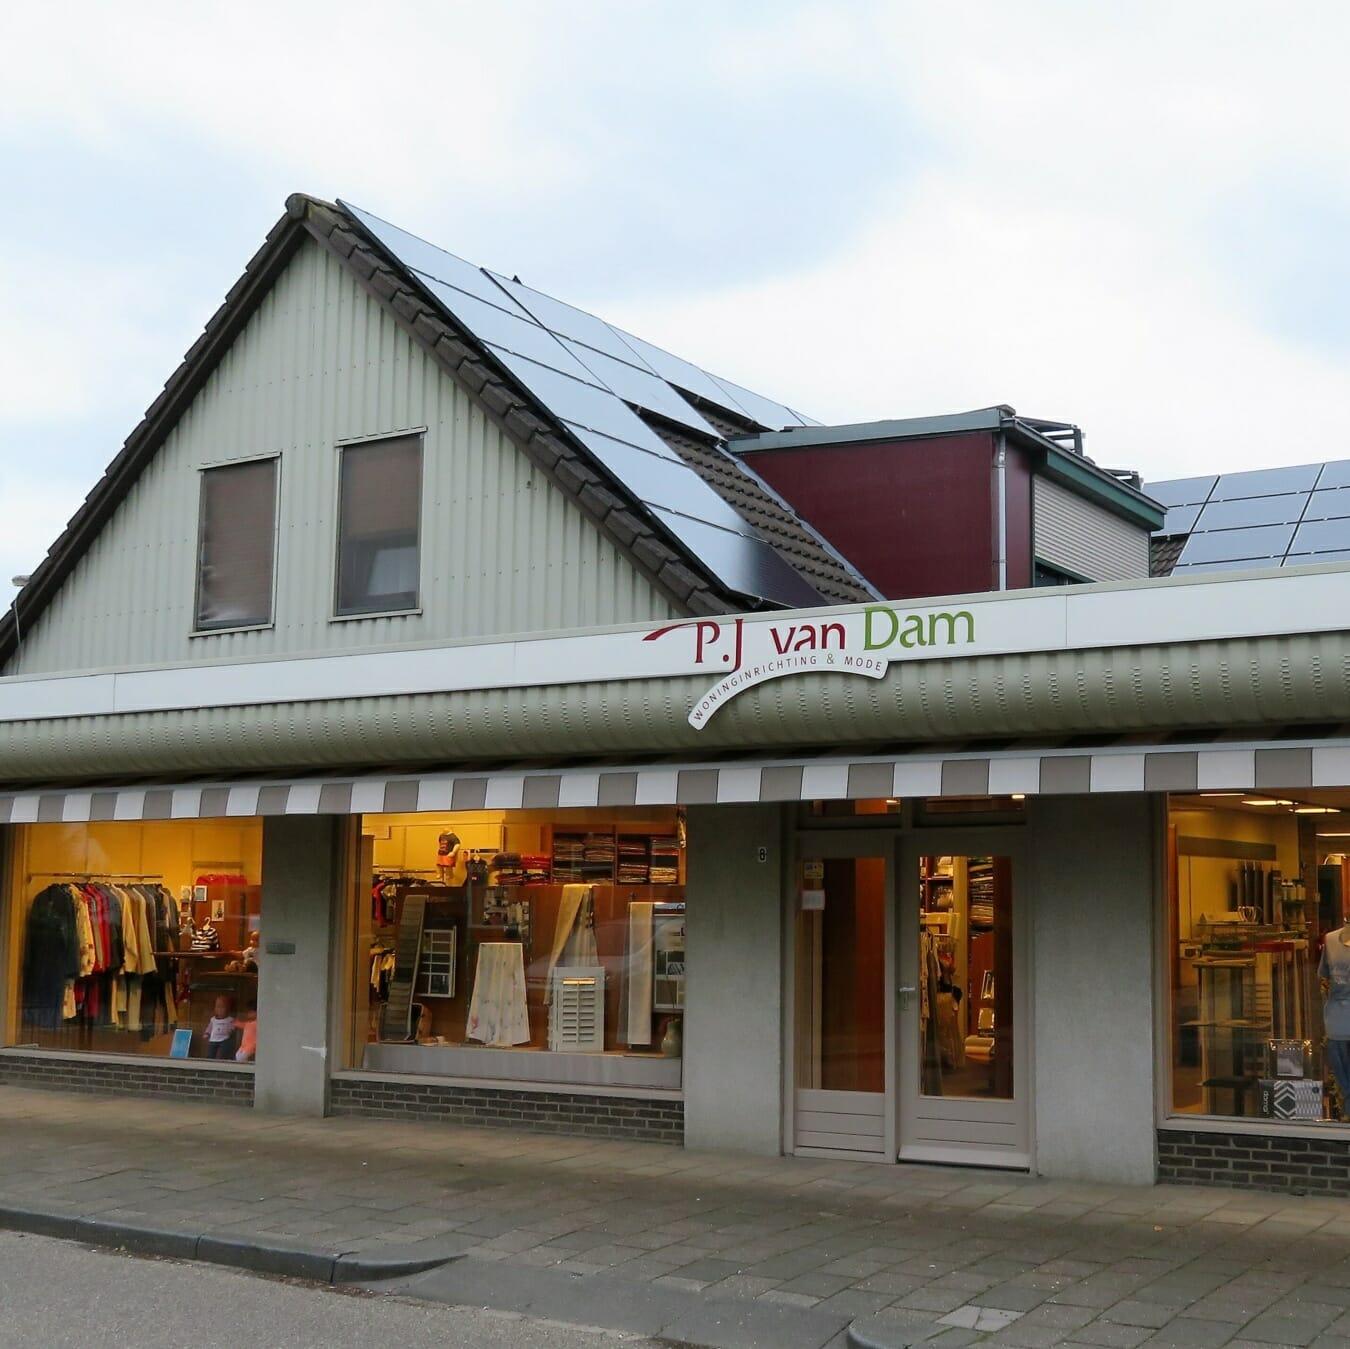 Pj van Dam - winkelpand buiten